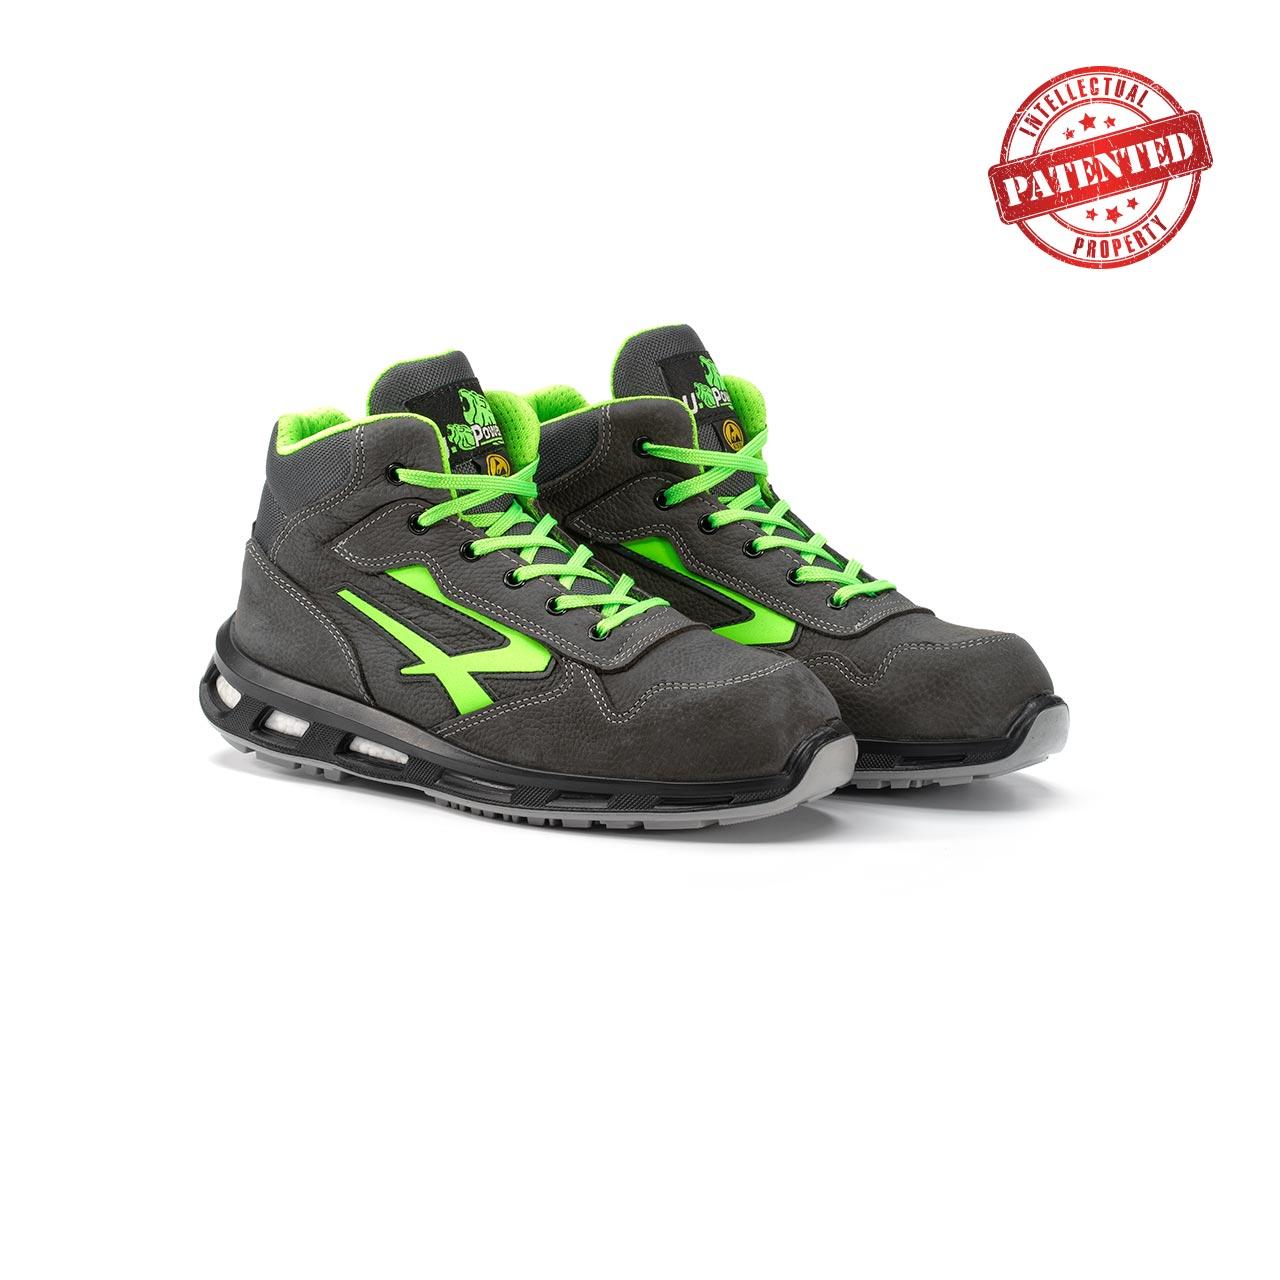 paio di scarpe antinfortunistiche alte upower modello hummer linea redlion vista prospettica